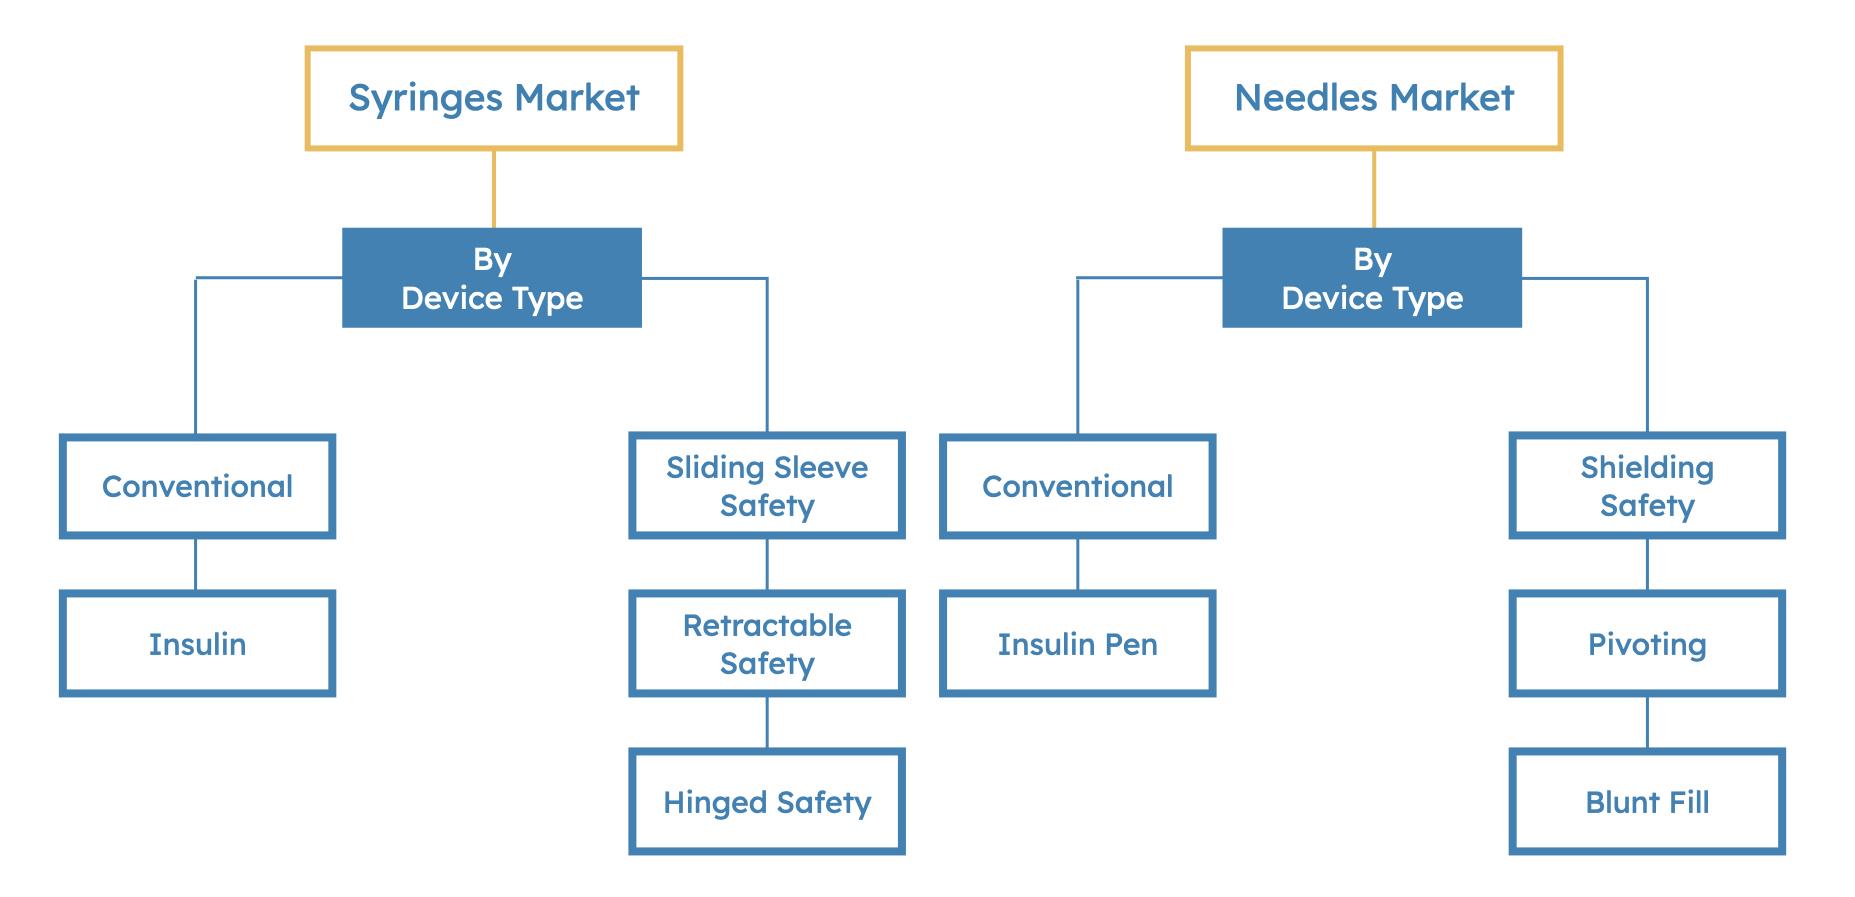 Syringe & Needle Market Segmentation Summary